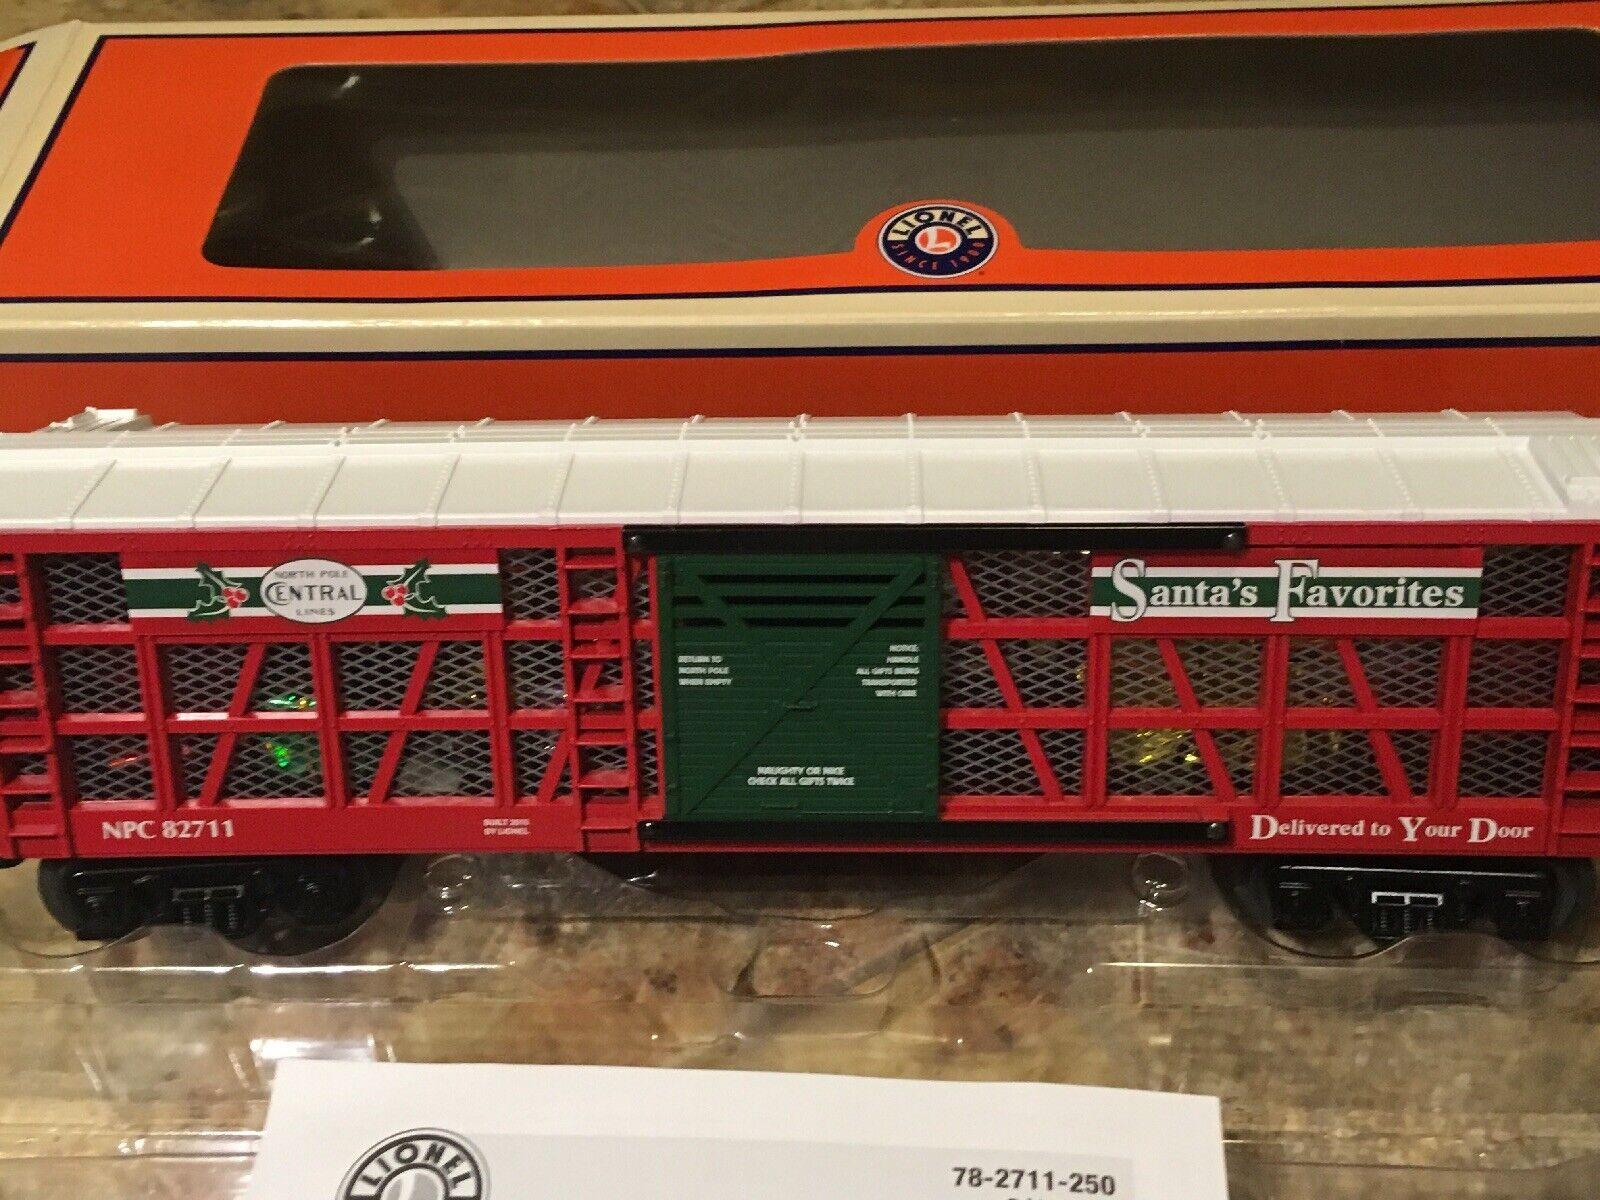 Lionel 6-82711 Santa's Favorites Transparent Gift Stock Car LIGHTED O27